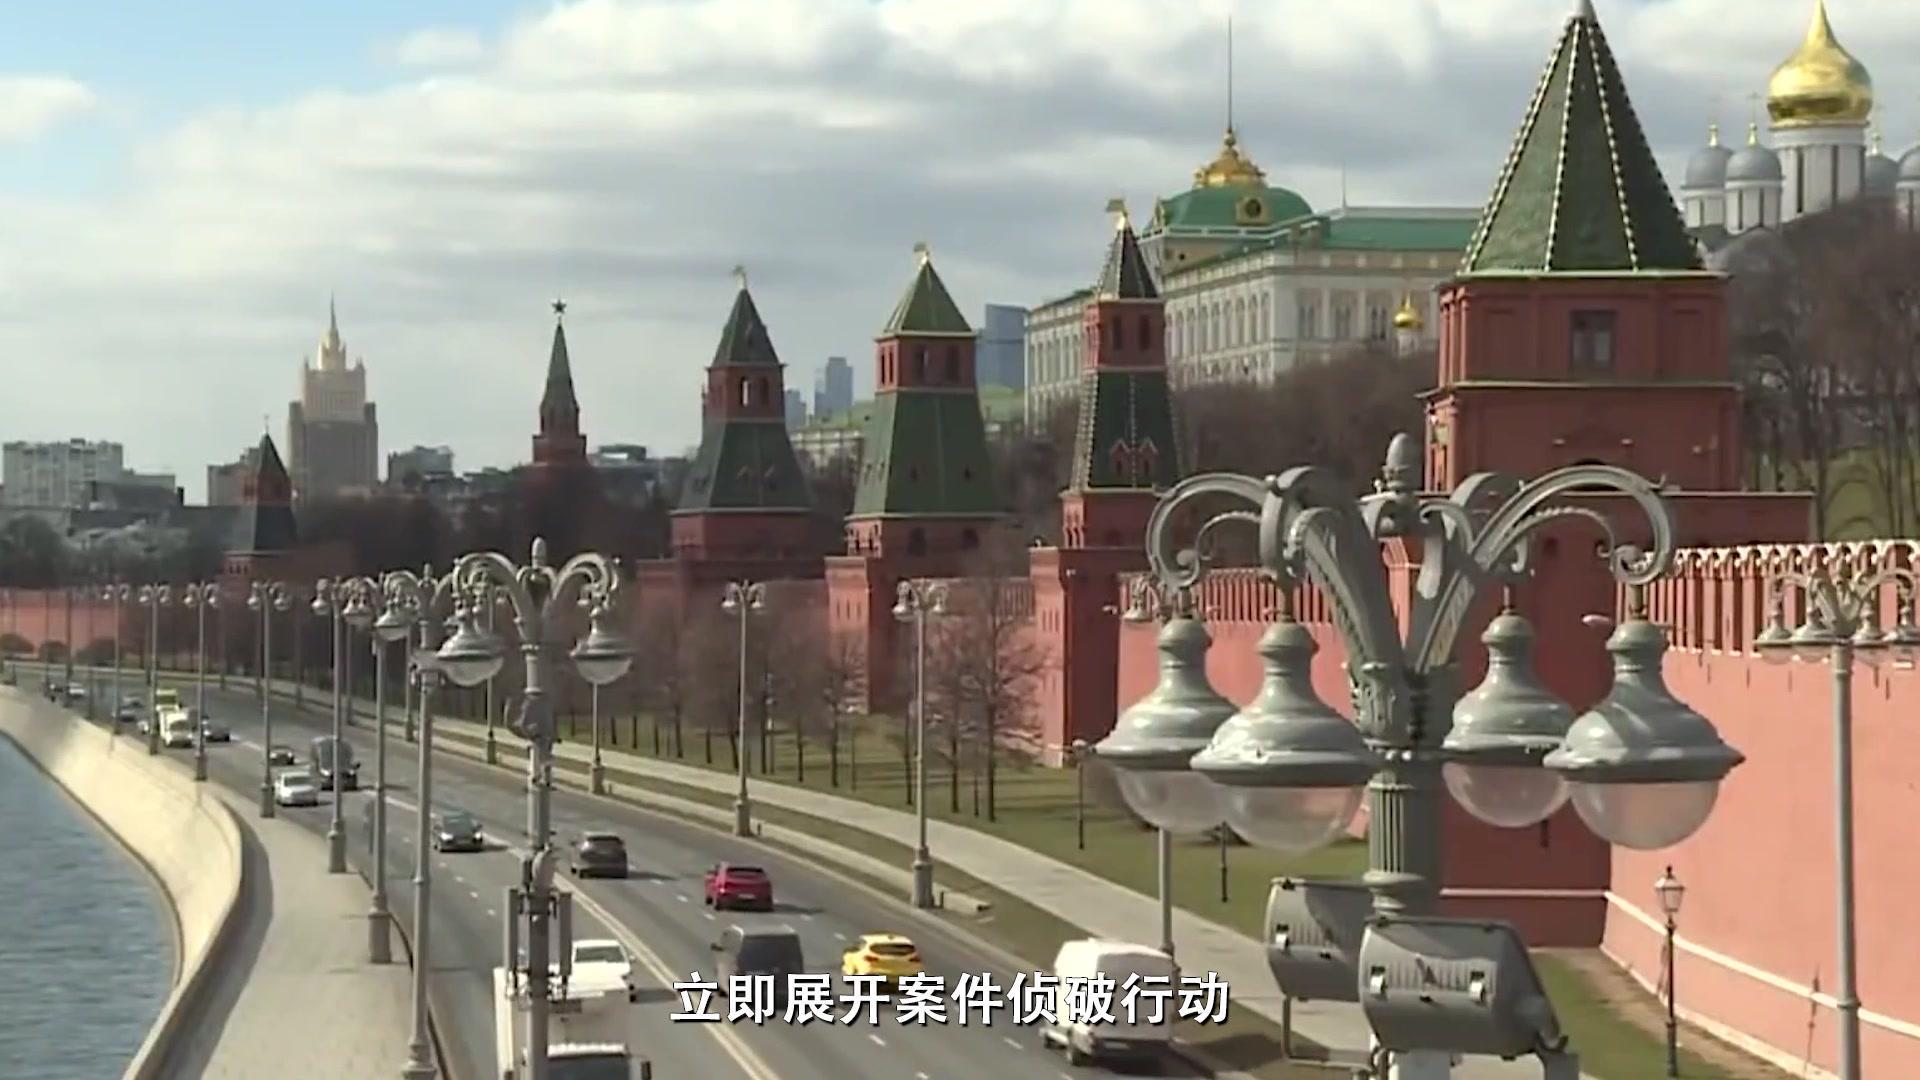 莫斯科突然爆发枪战,AK步枪射击声震耳欲聋,美:可能有大事发生安卓版